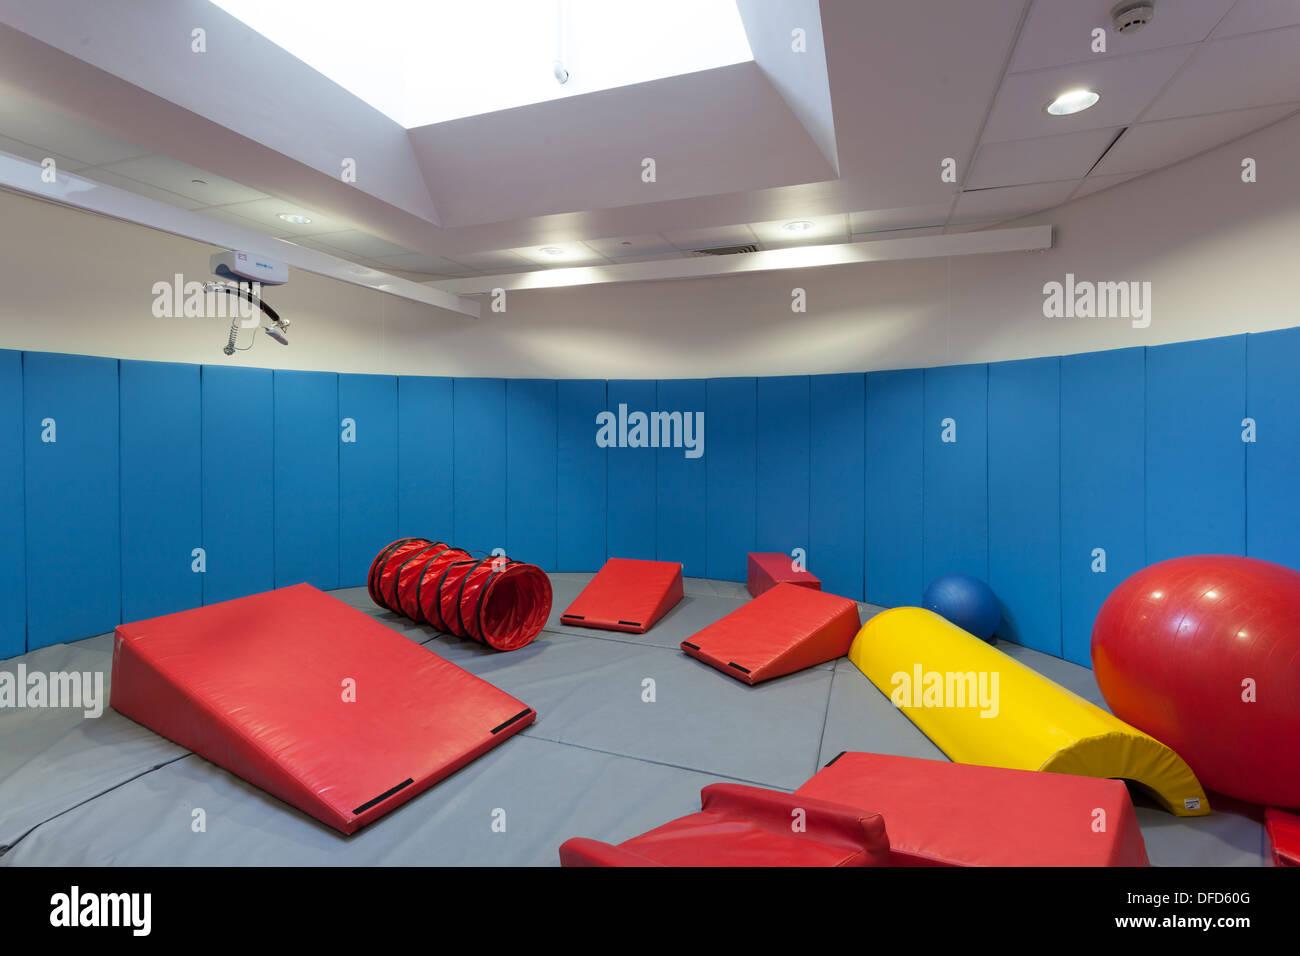 Soft Play Room in particolari esigenze della scuola. Immagini Stock